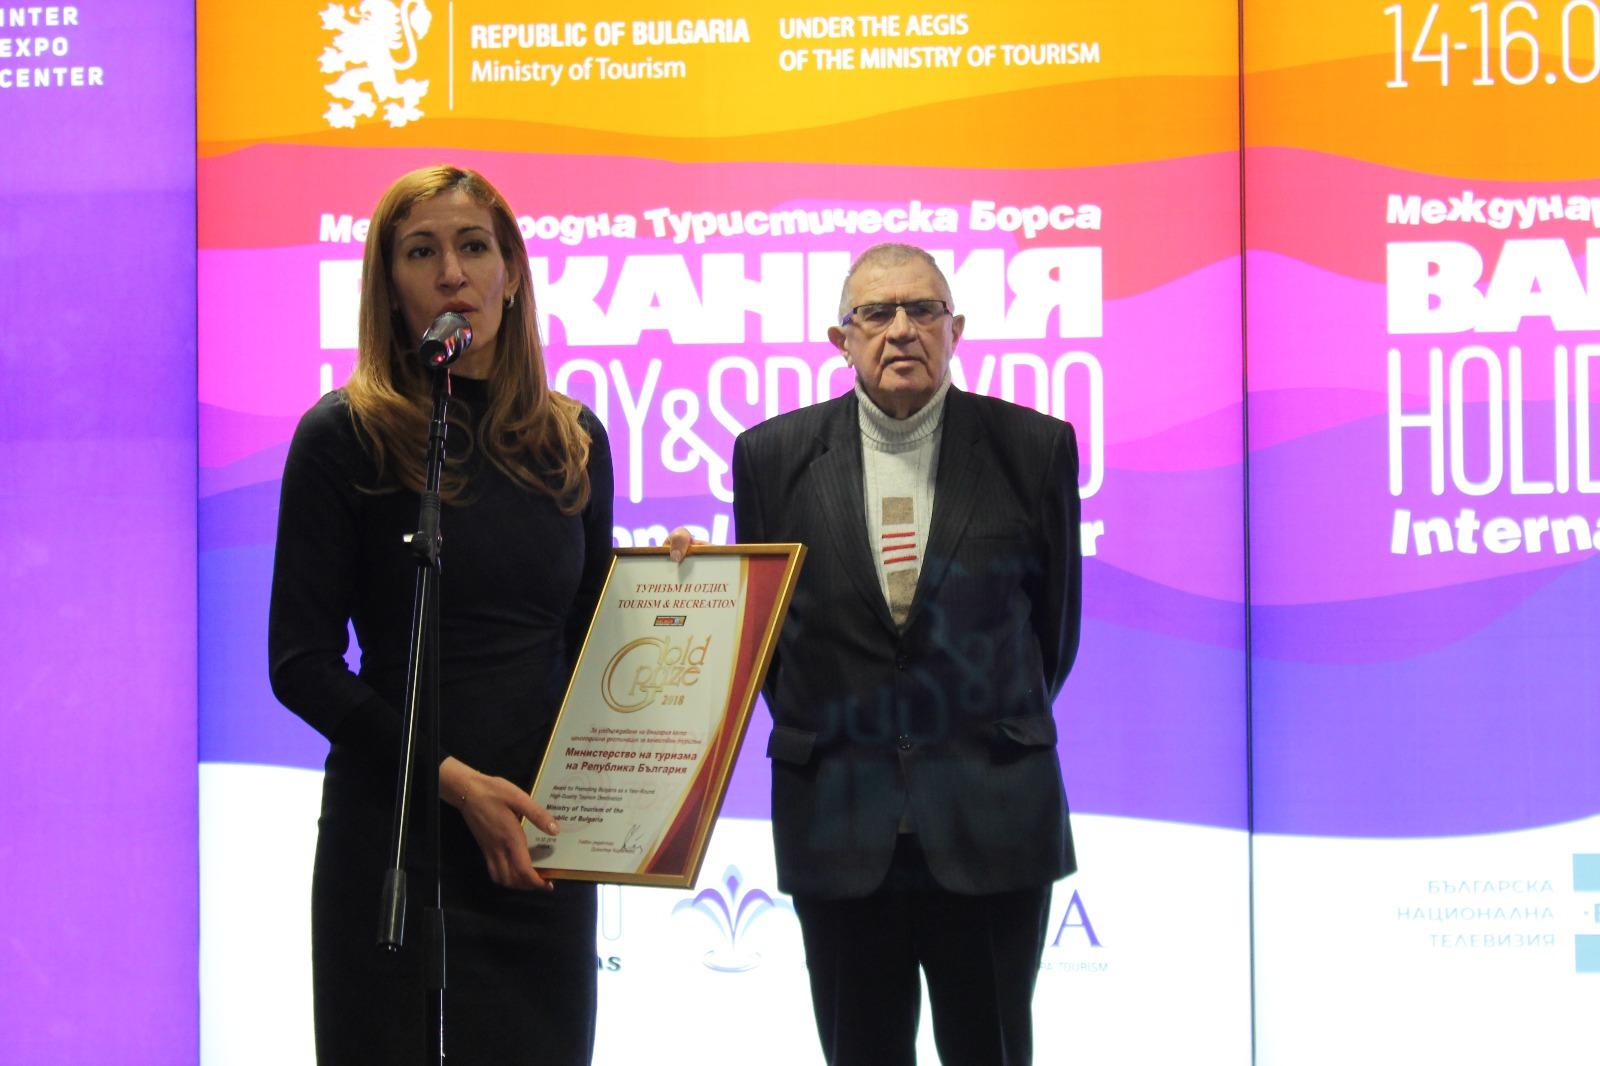 Министър Ангелкова получи Златен приз за утвърждаване на България като дестинация за качествен туризъм